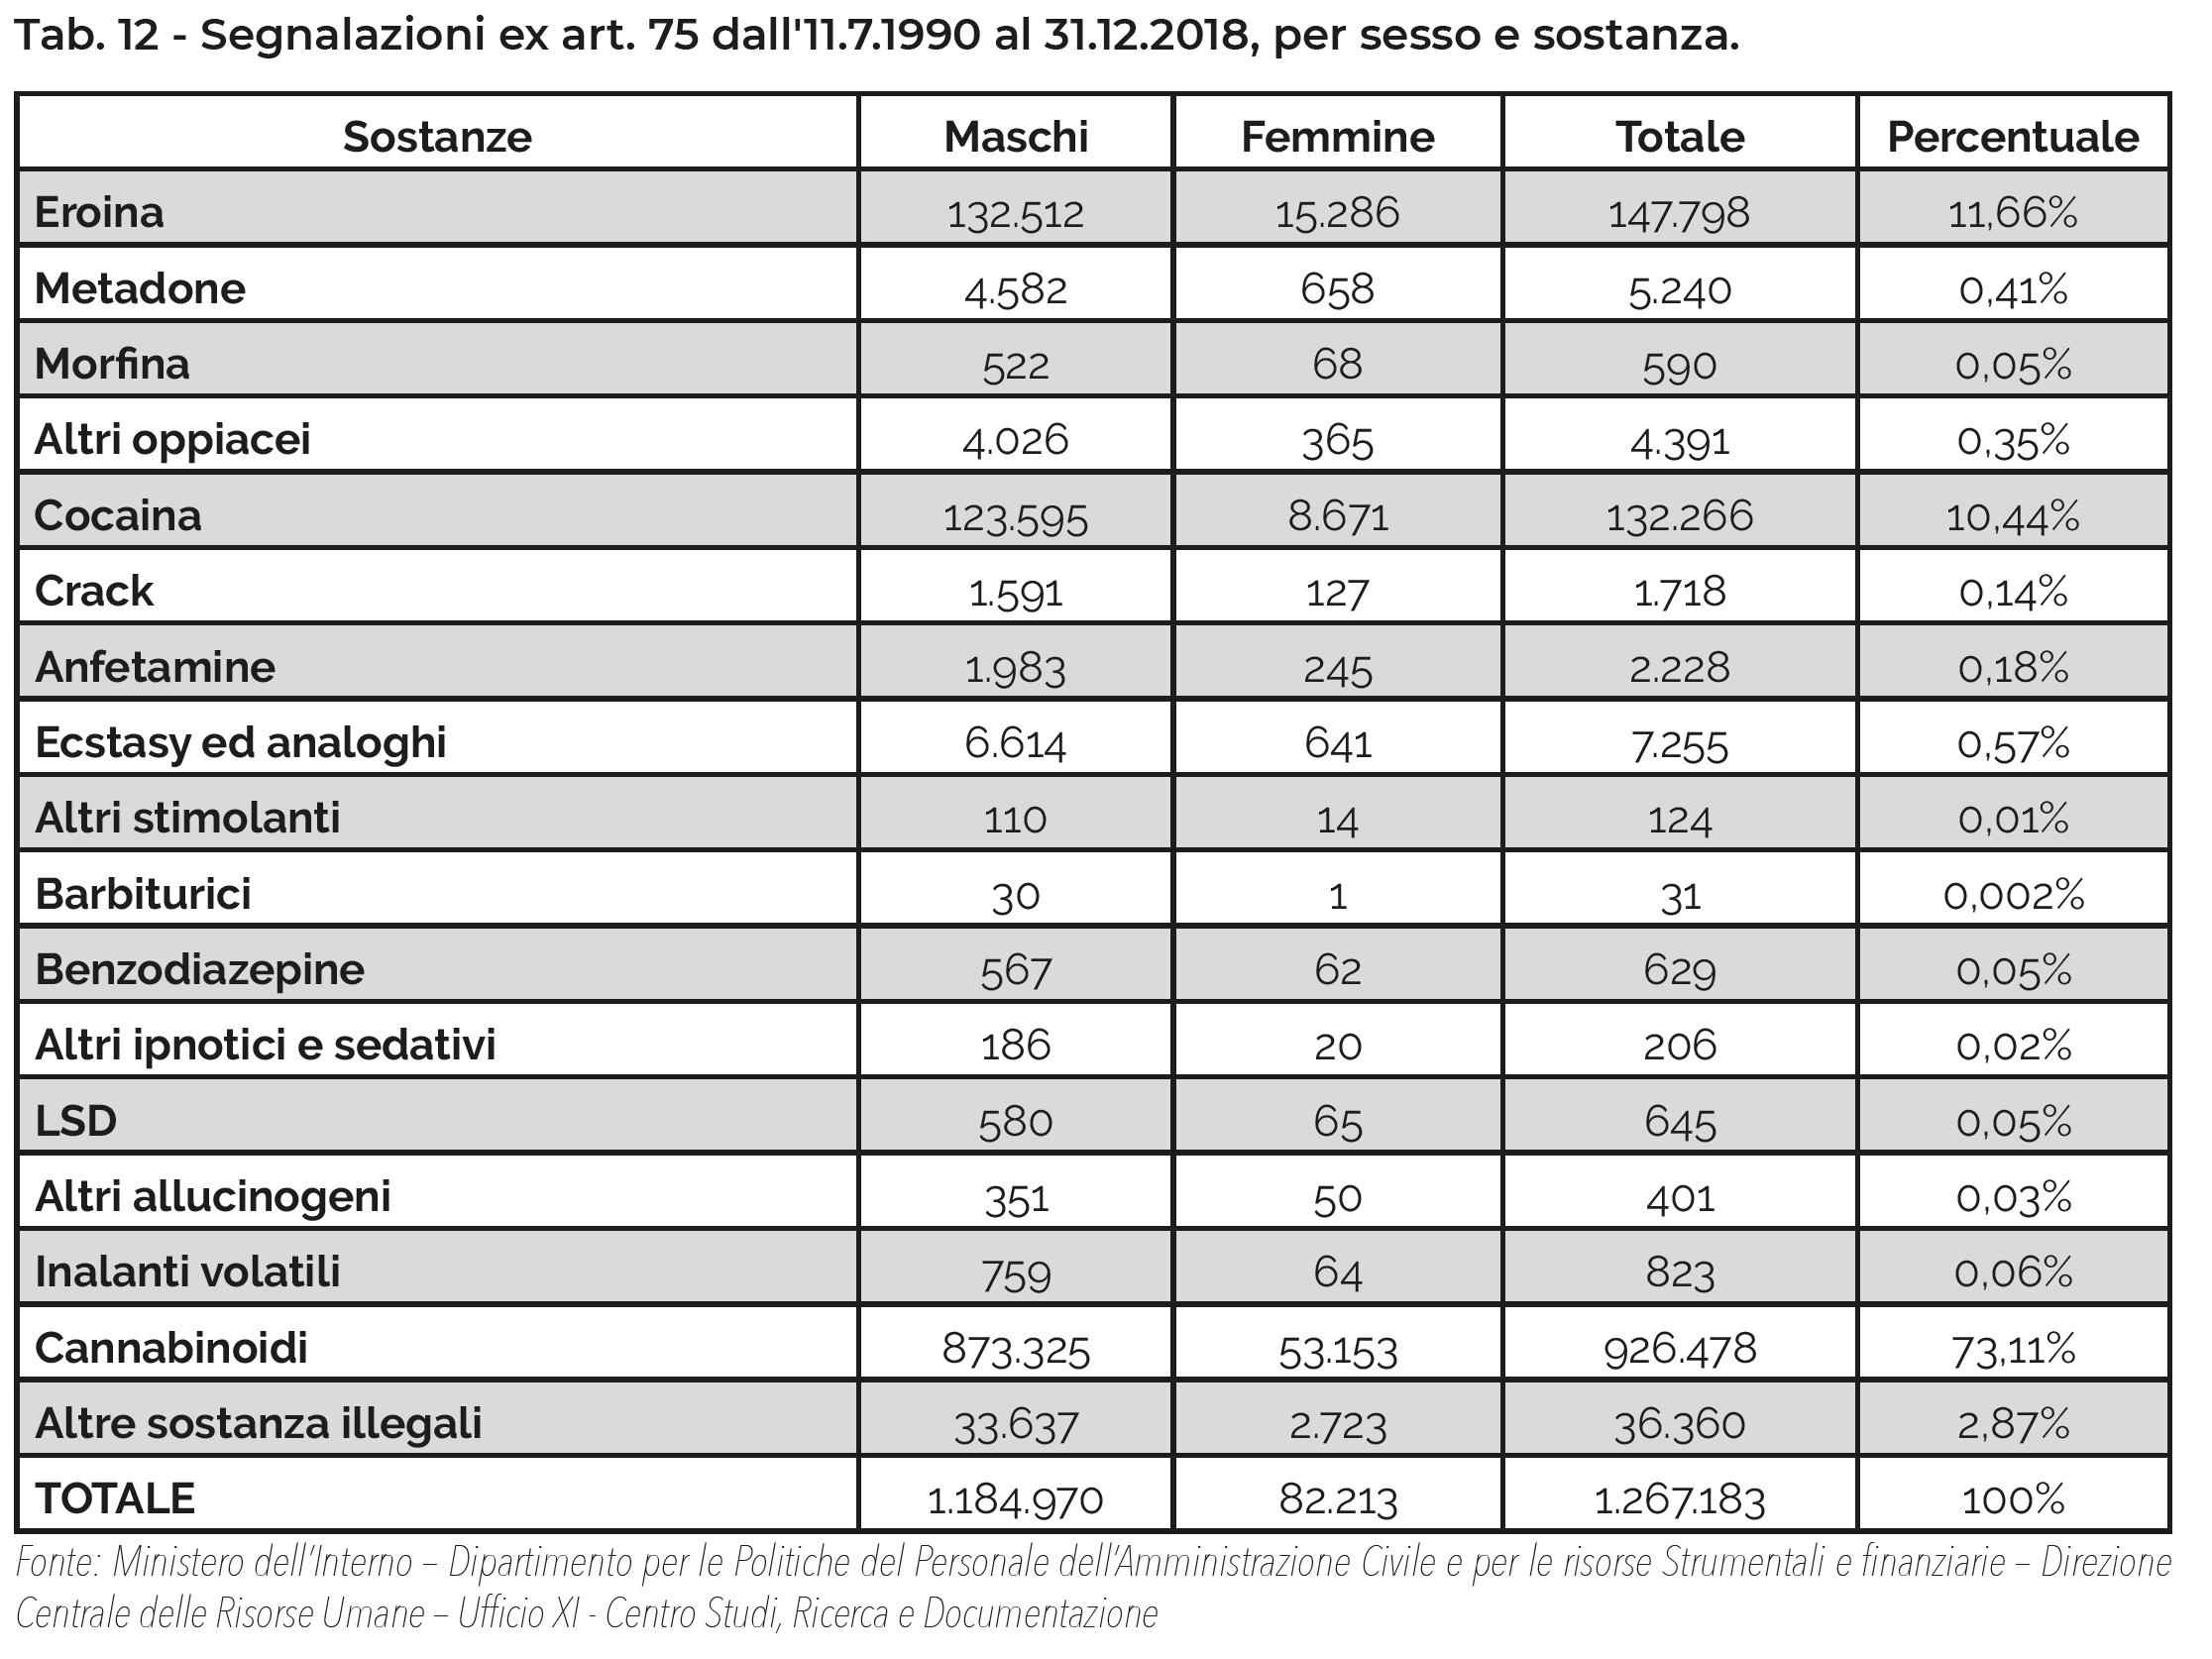 Tab. 12 - Segnalazioni ex art. 75 dall'11.7.1990 al 31.12.2018, per sesso e sostanza.